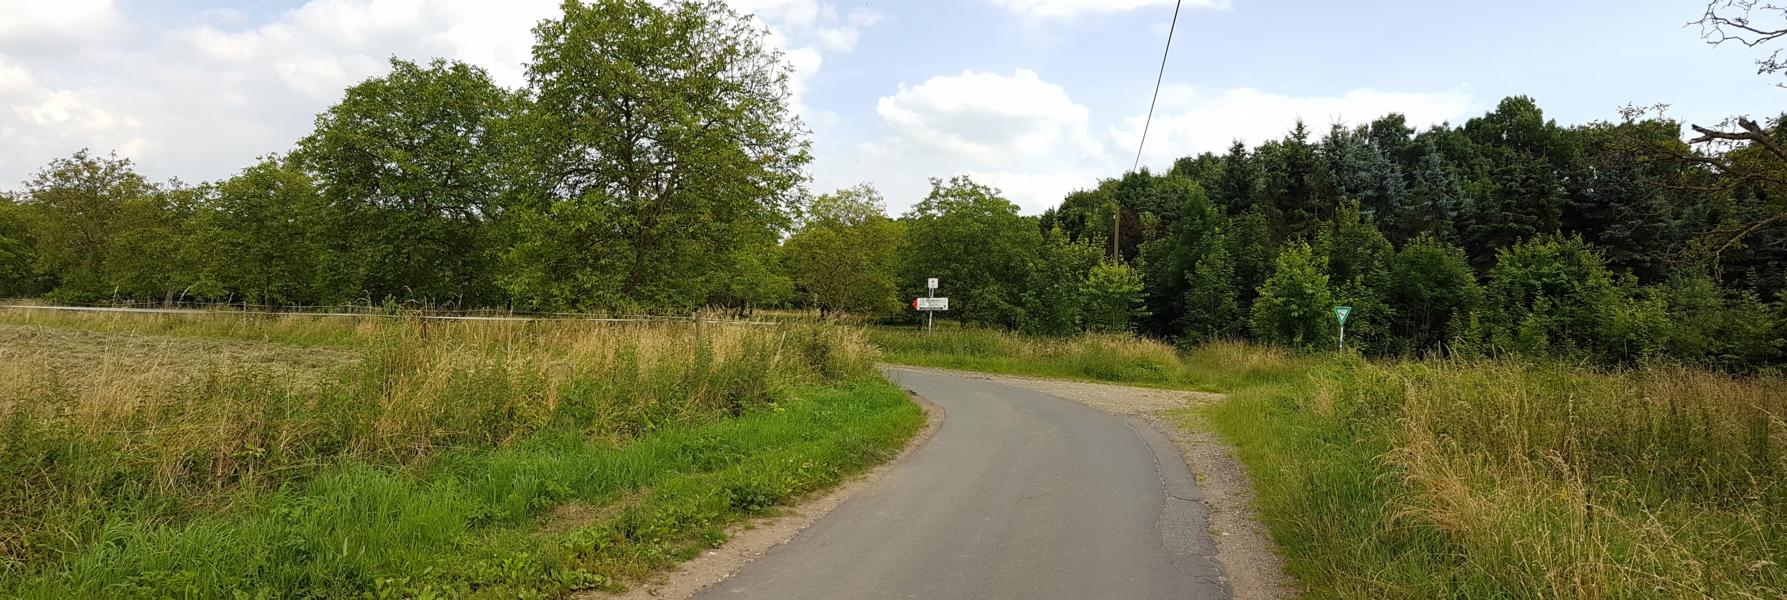 Wir kommen an eine Weggabelung und folgen der asphaltierten Straße nach links. Auch hier sehen wir rechts und links Nussbäume.